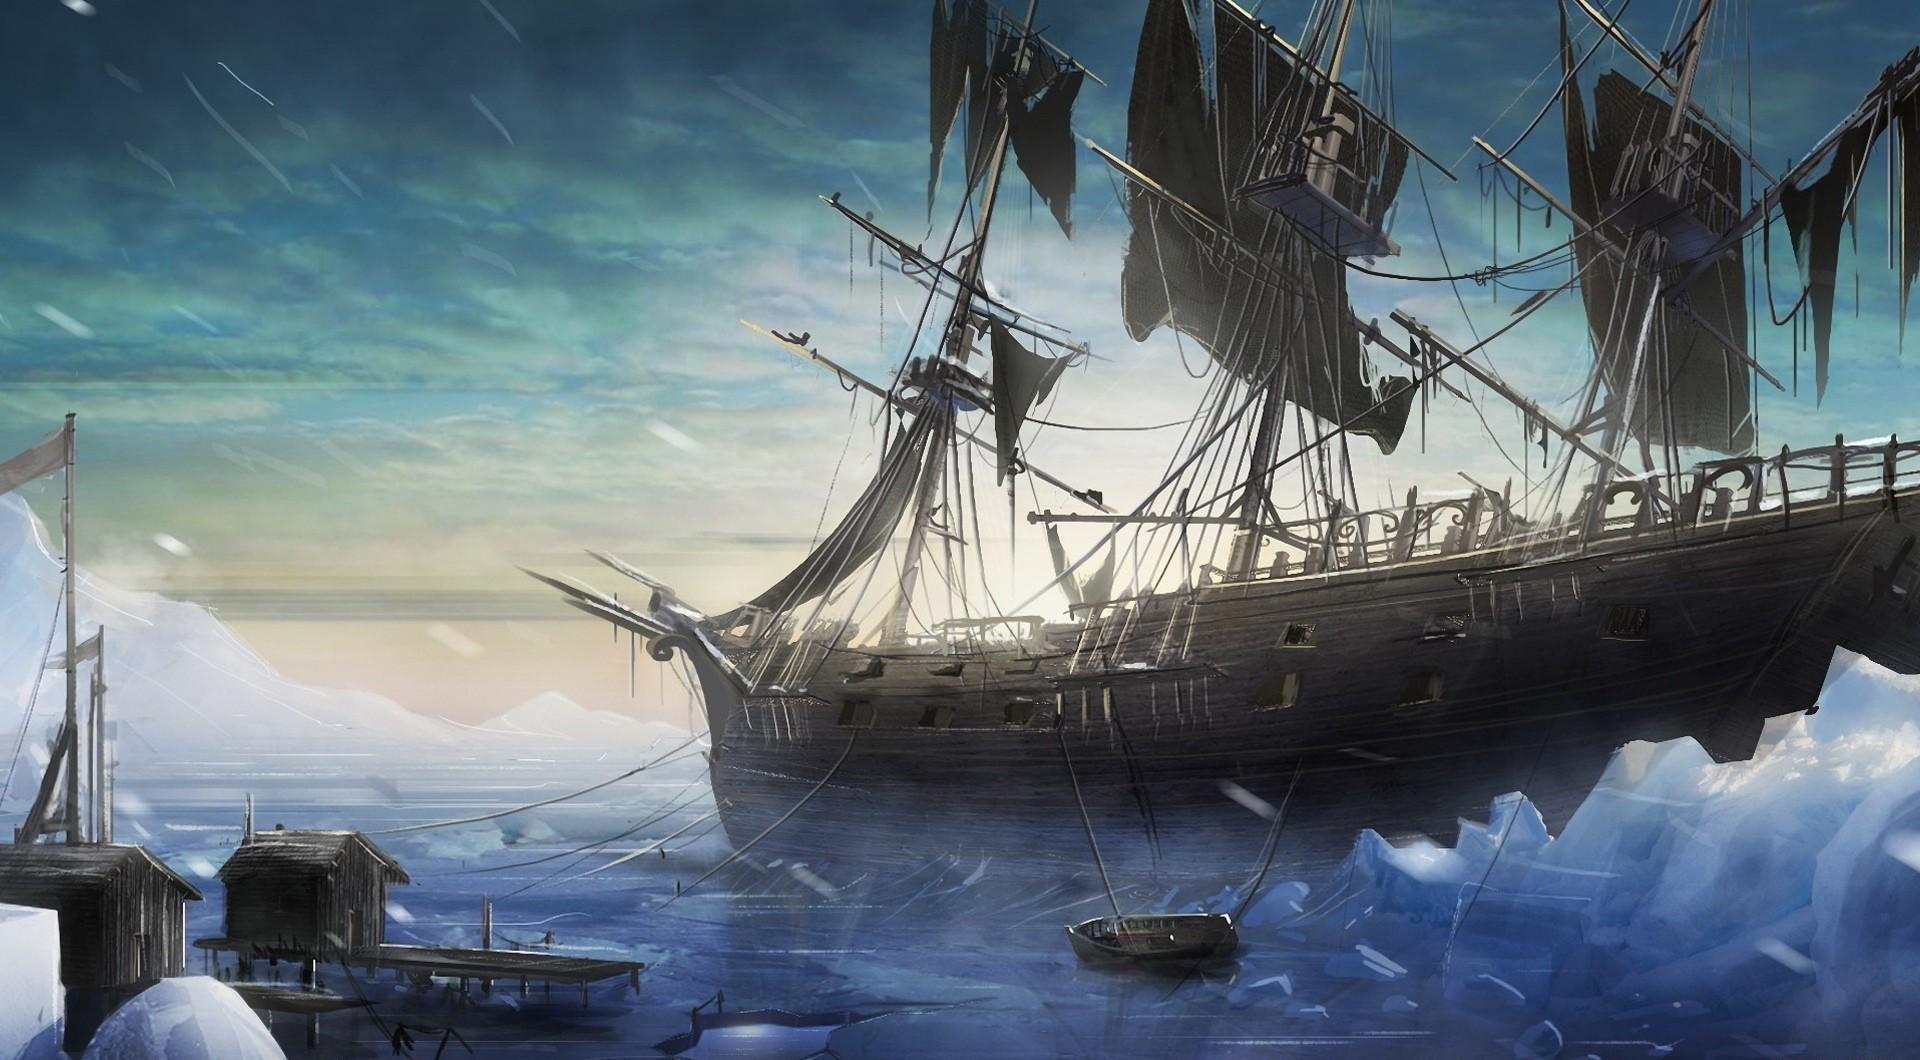 135706 скачать обои Фэнтези, Корабль, Море, Причал, Льды, Снег - заставки и картинки бесплатно